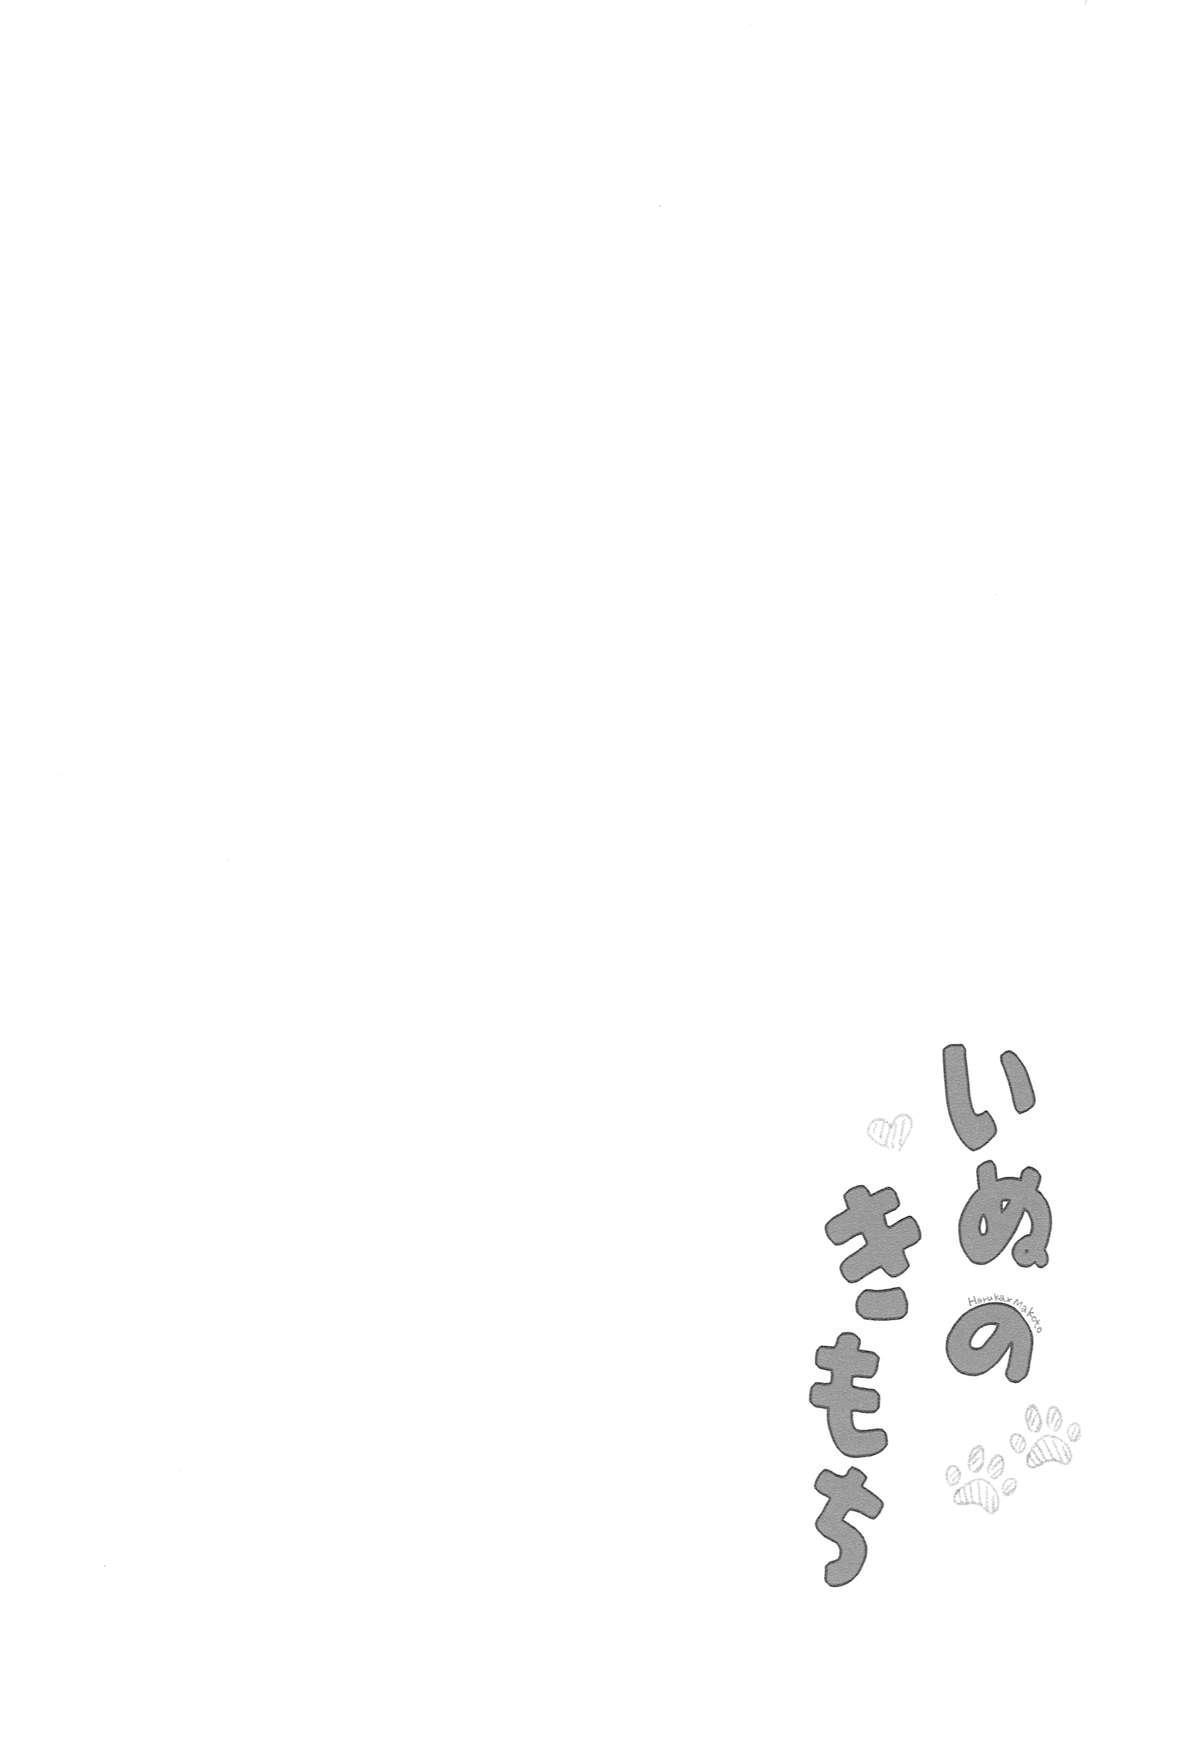 Inu no Kimochi 16